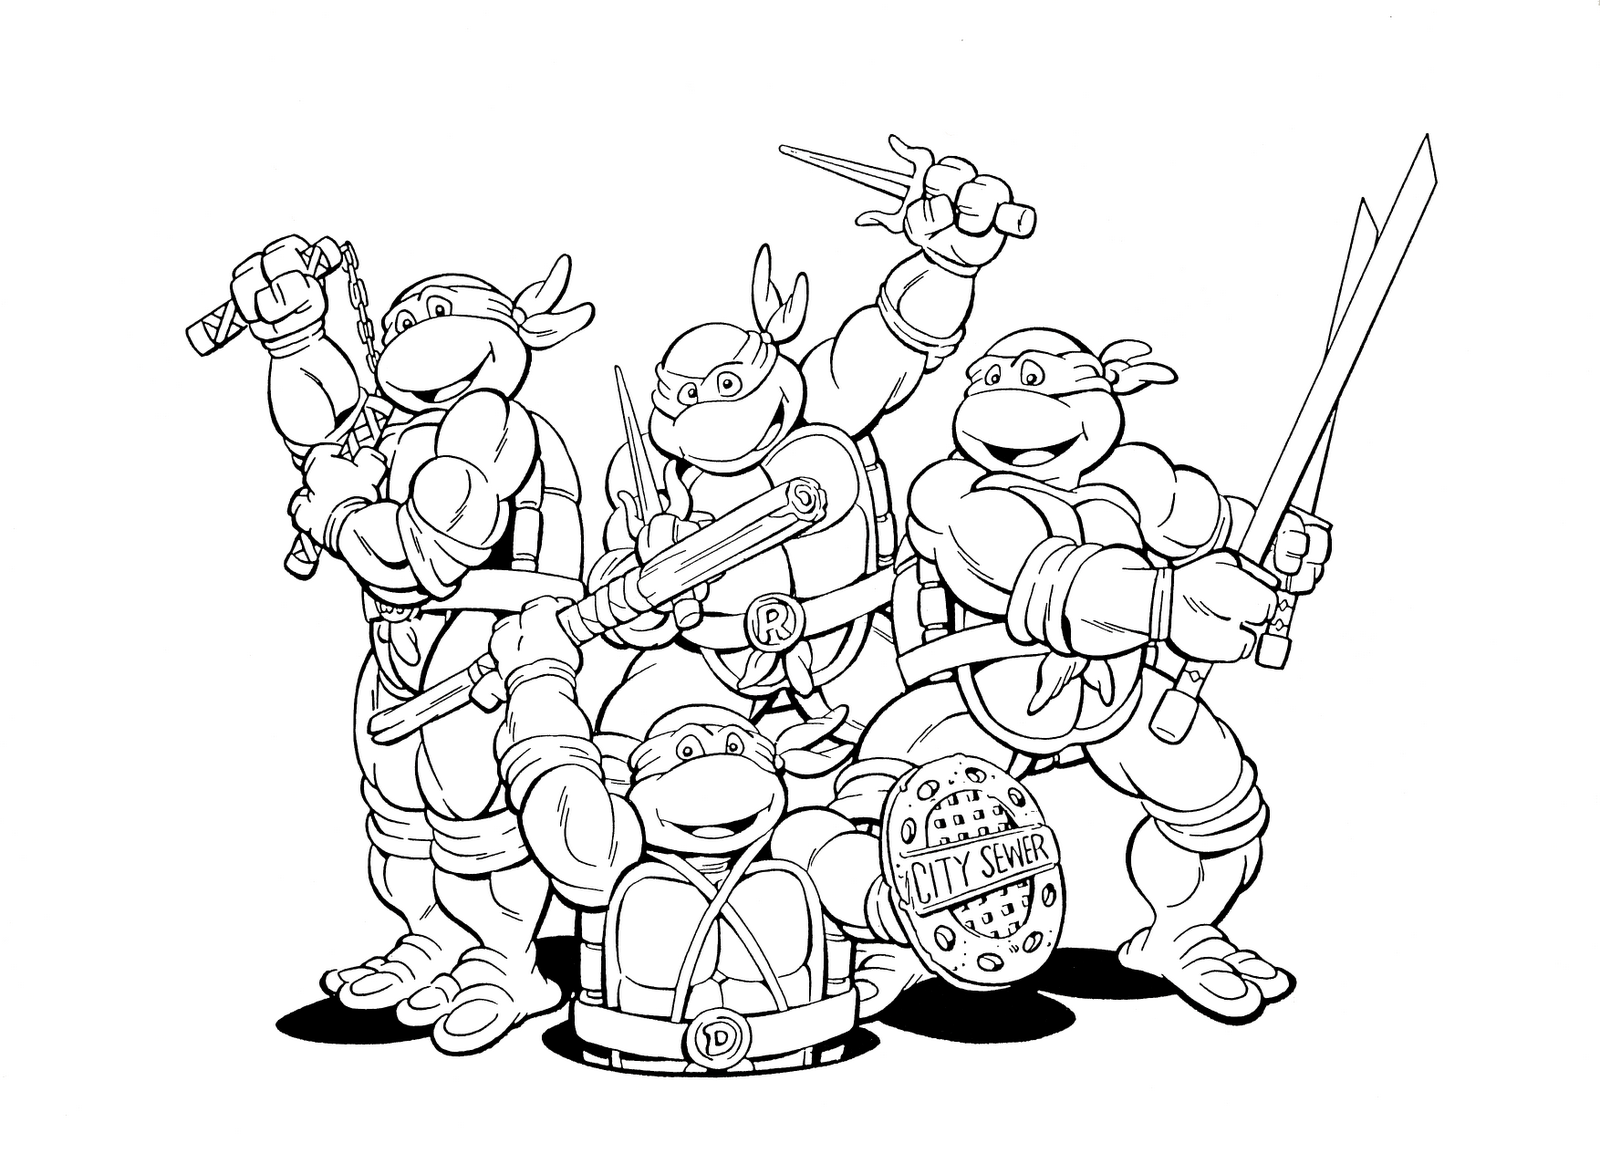 ninja turtle coloring page teenage mutant ninja turtles coloring pages print them ninja coloring turtle page